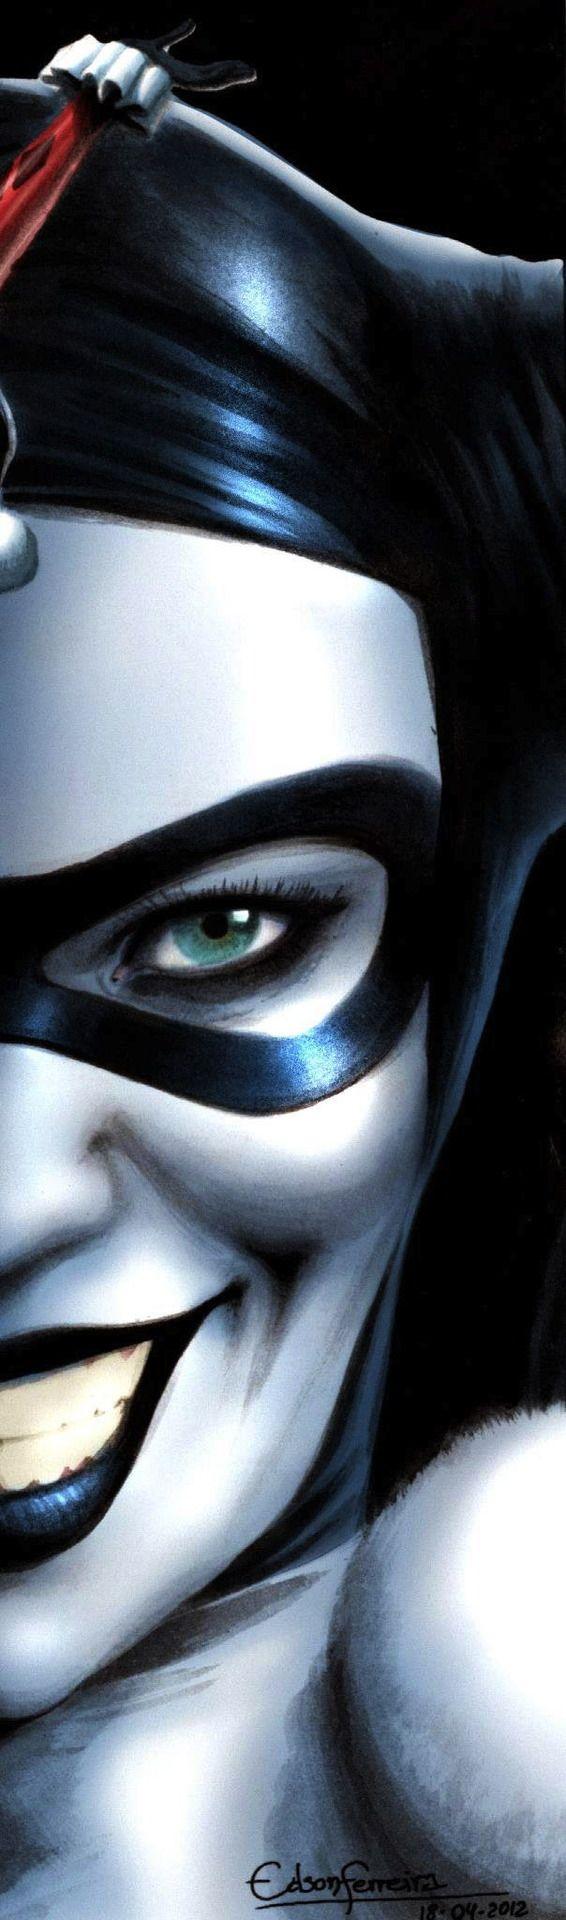 Galeria de Arte (5): Marvel e DC - Página 3 4cab8cff49c7ab7574b0eb945d02ba12